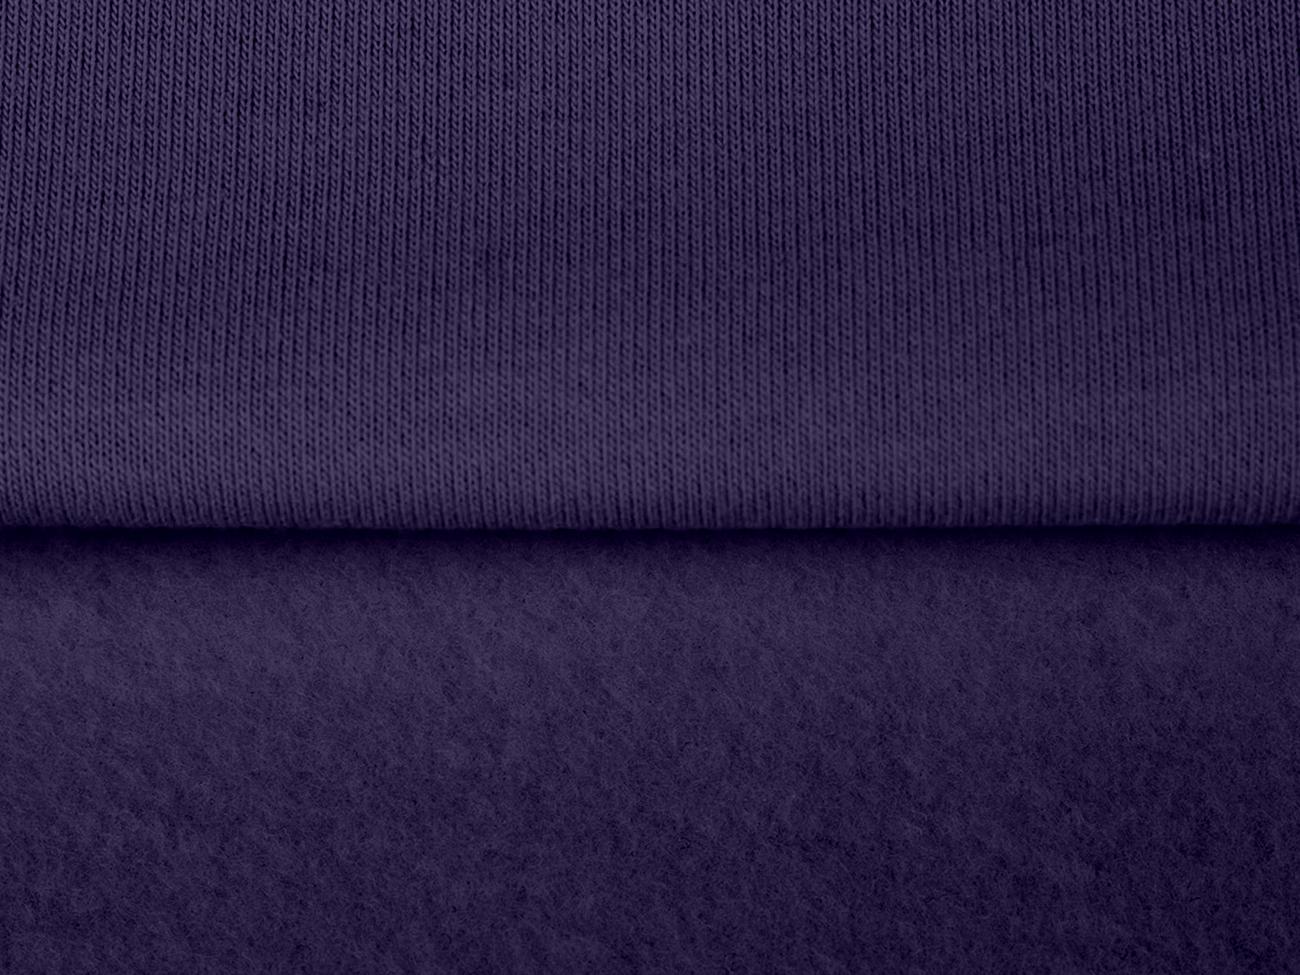 Купить ткань футер 3 нитка с начесом ткань для мебели казань купить цена